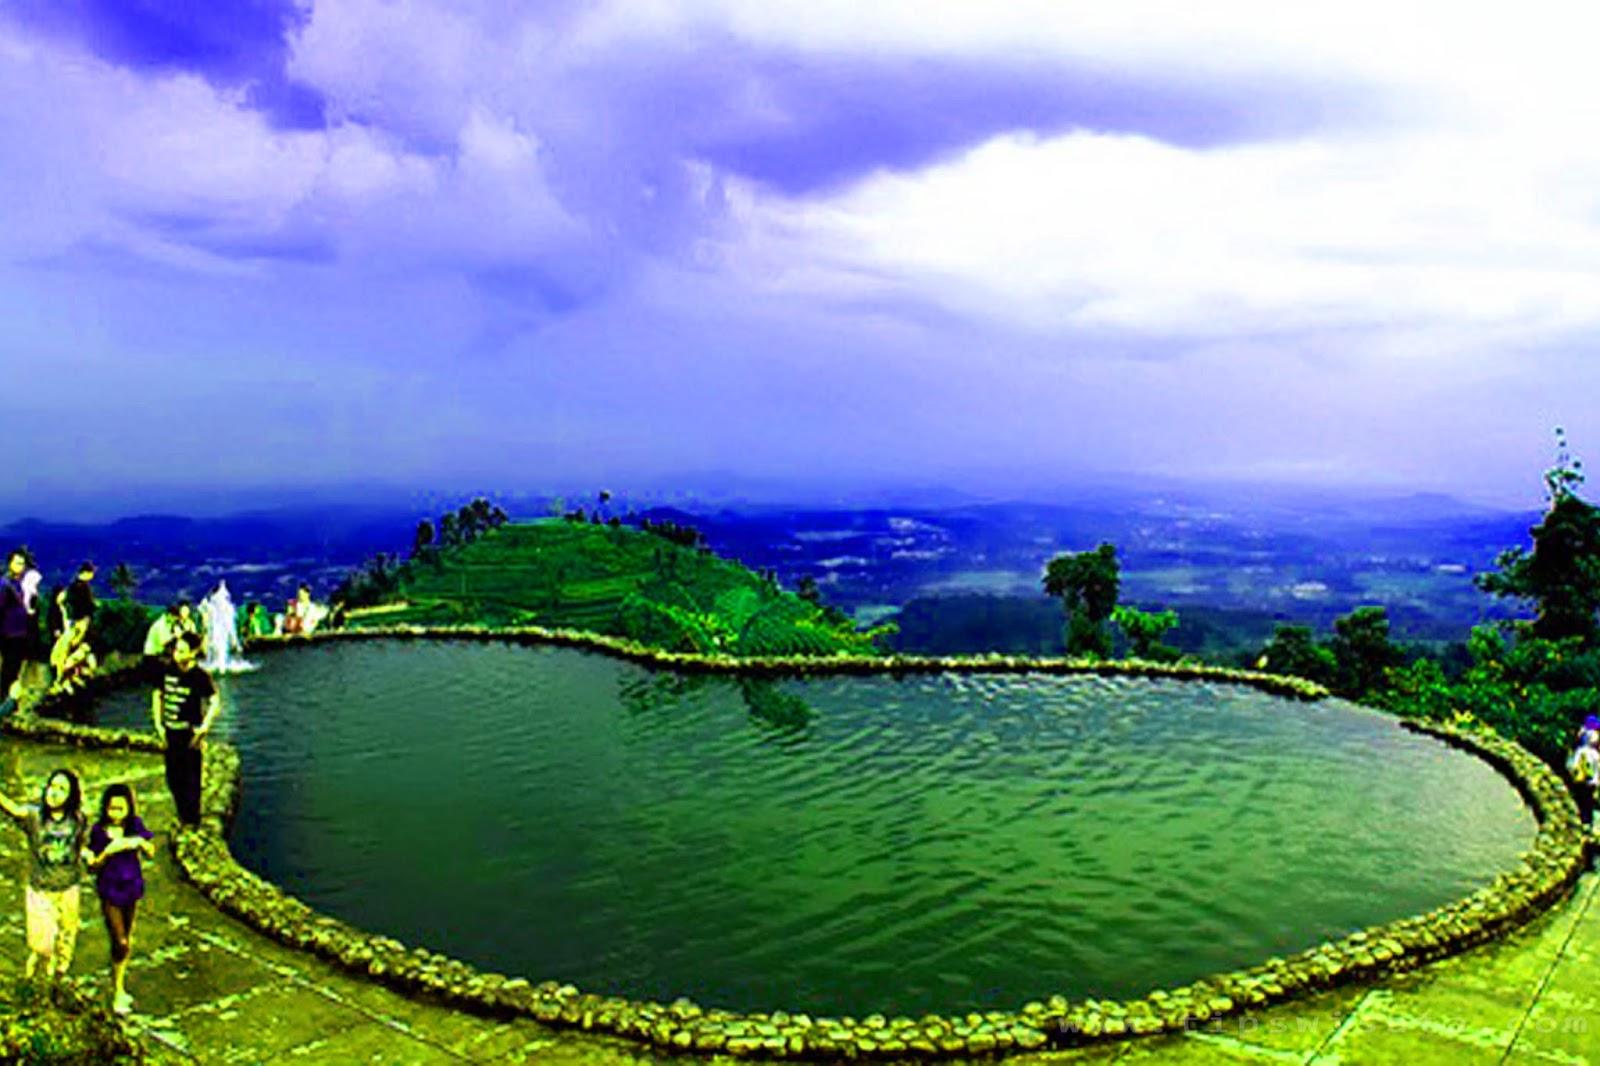 14 Tempat Wisata Madiun Patut Kunjungi Taman Umbul Square Air